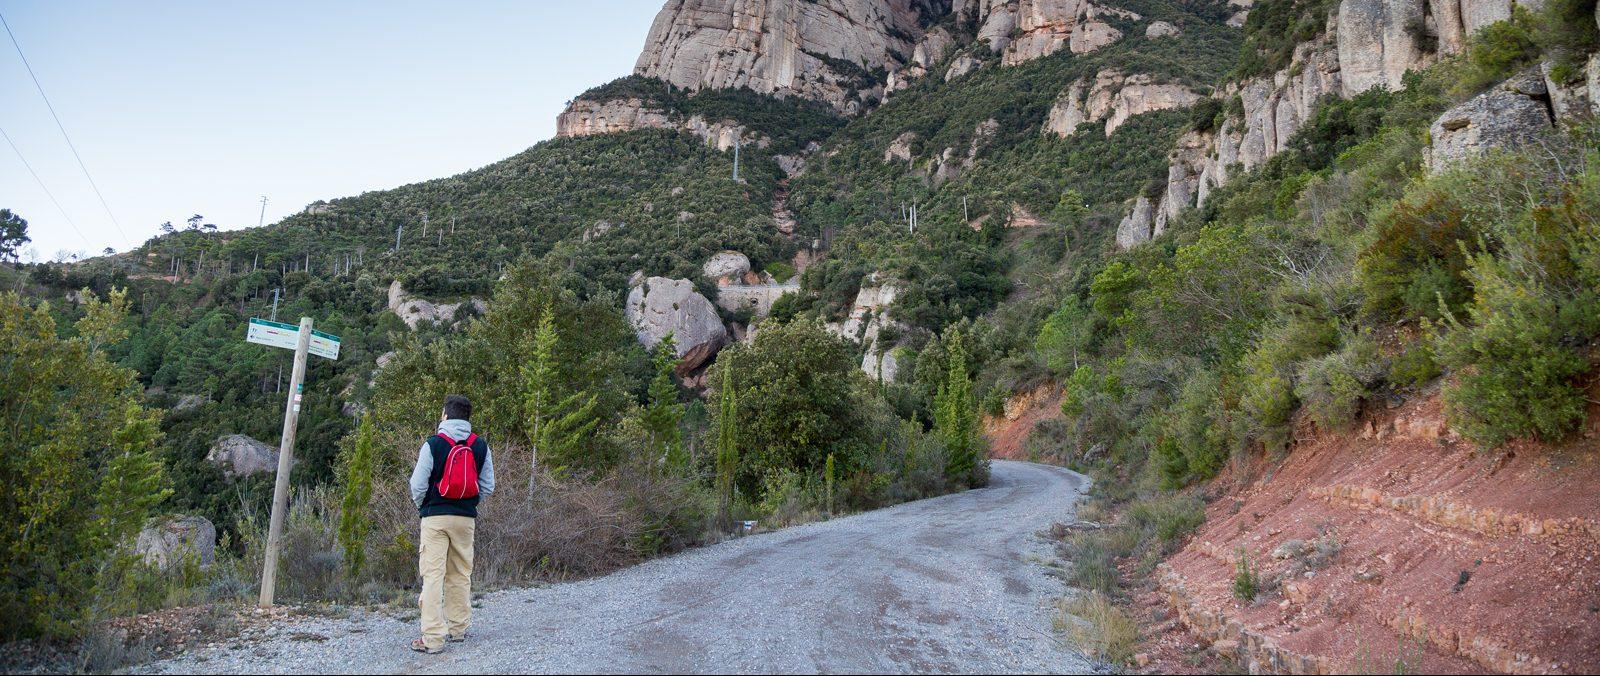 Le Chemin Ignacien, la traversée à pied de la Catalogne